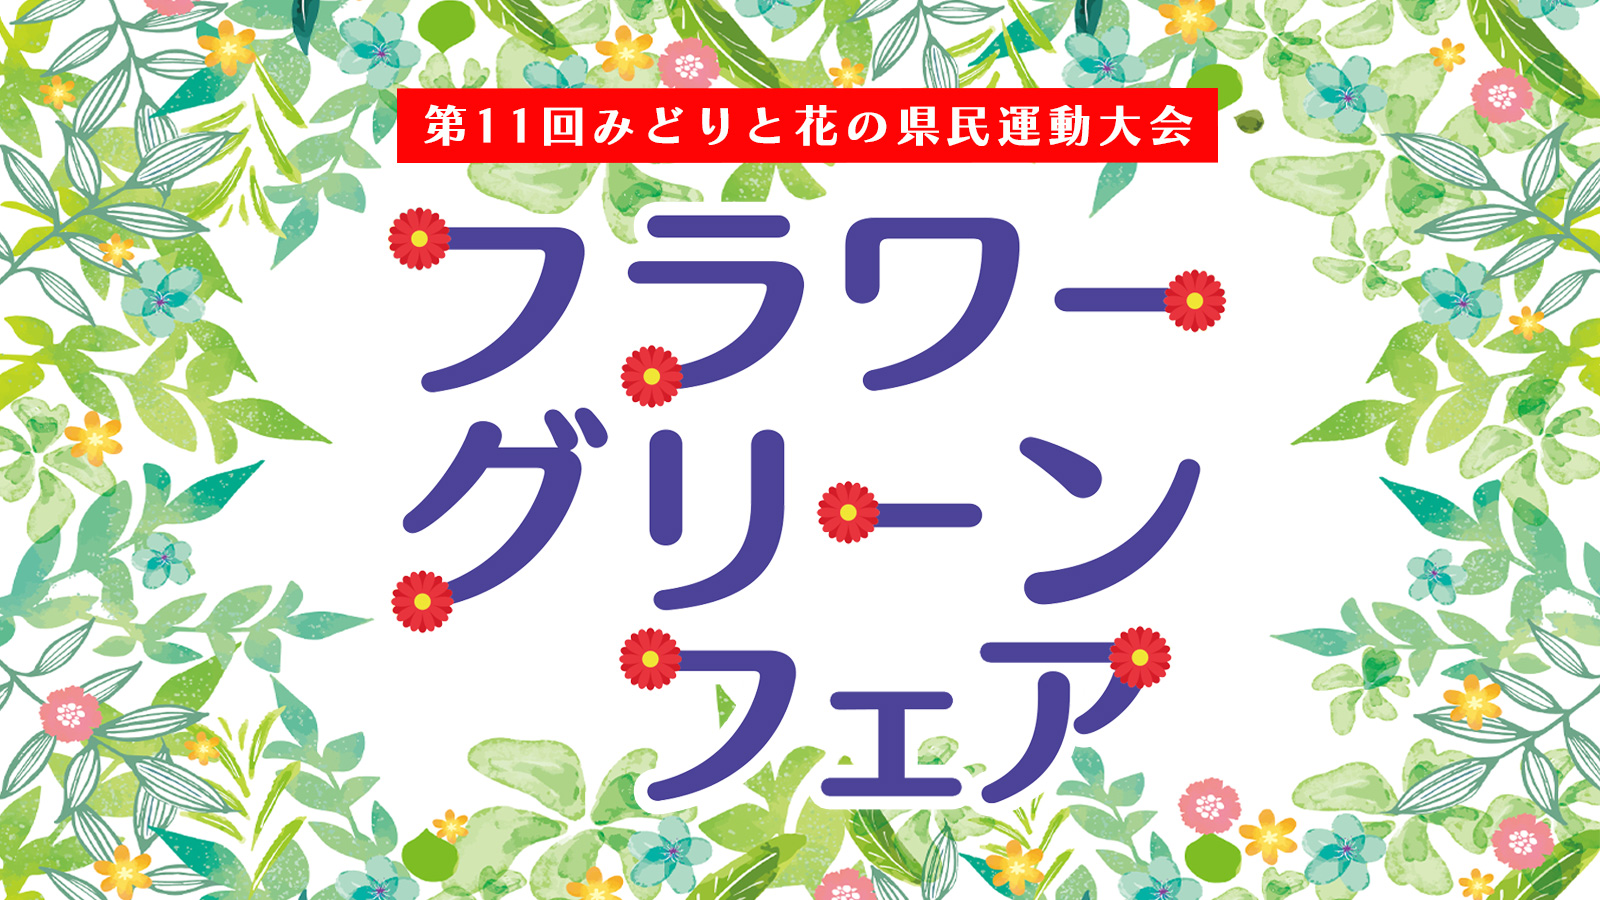 第11回みどりと花の県民運動大会